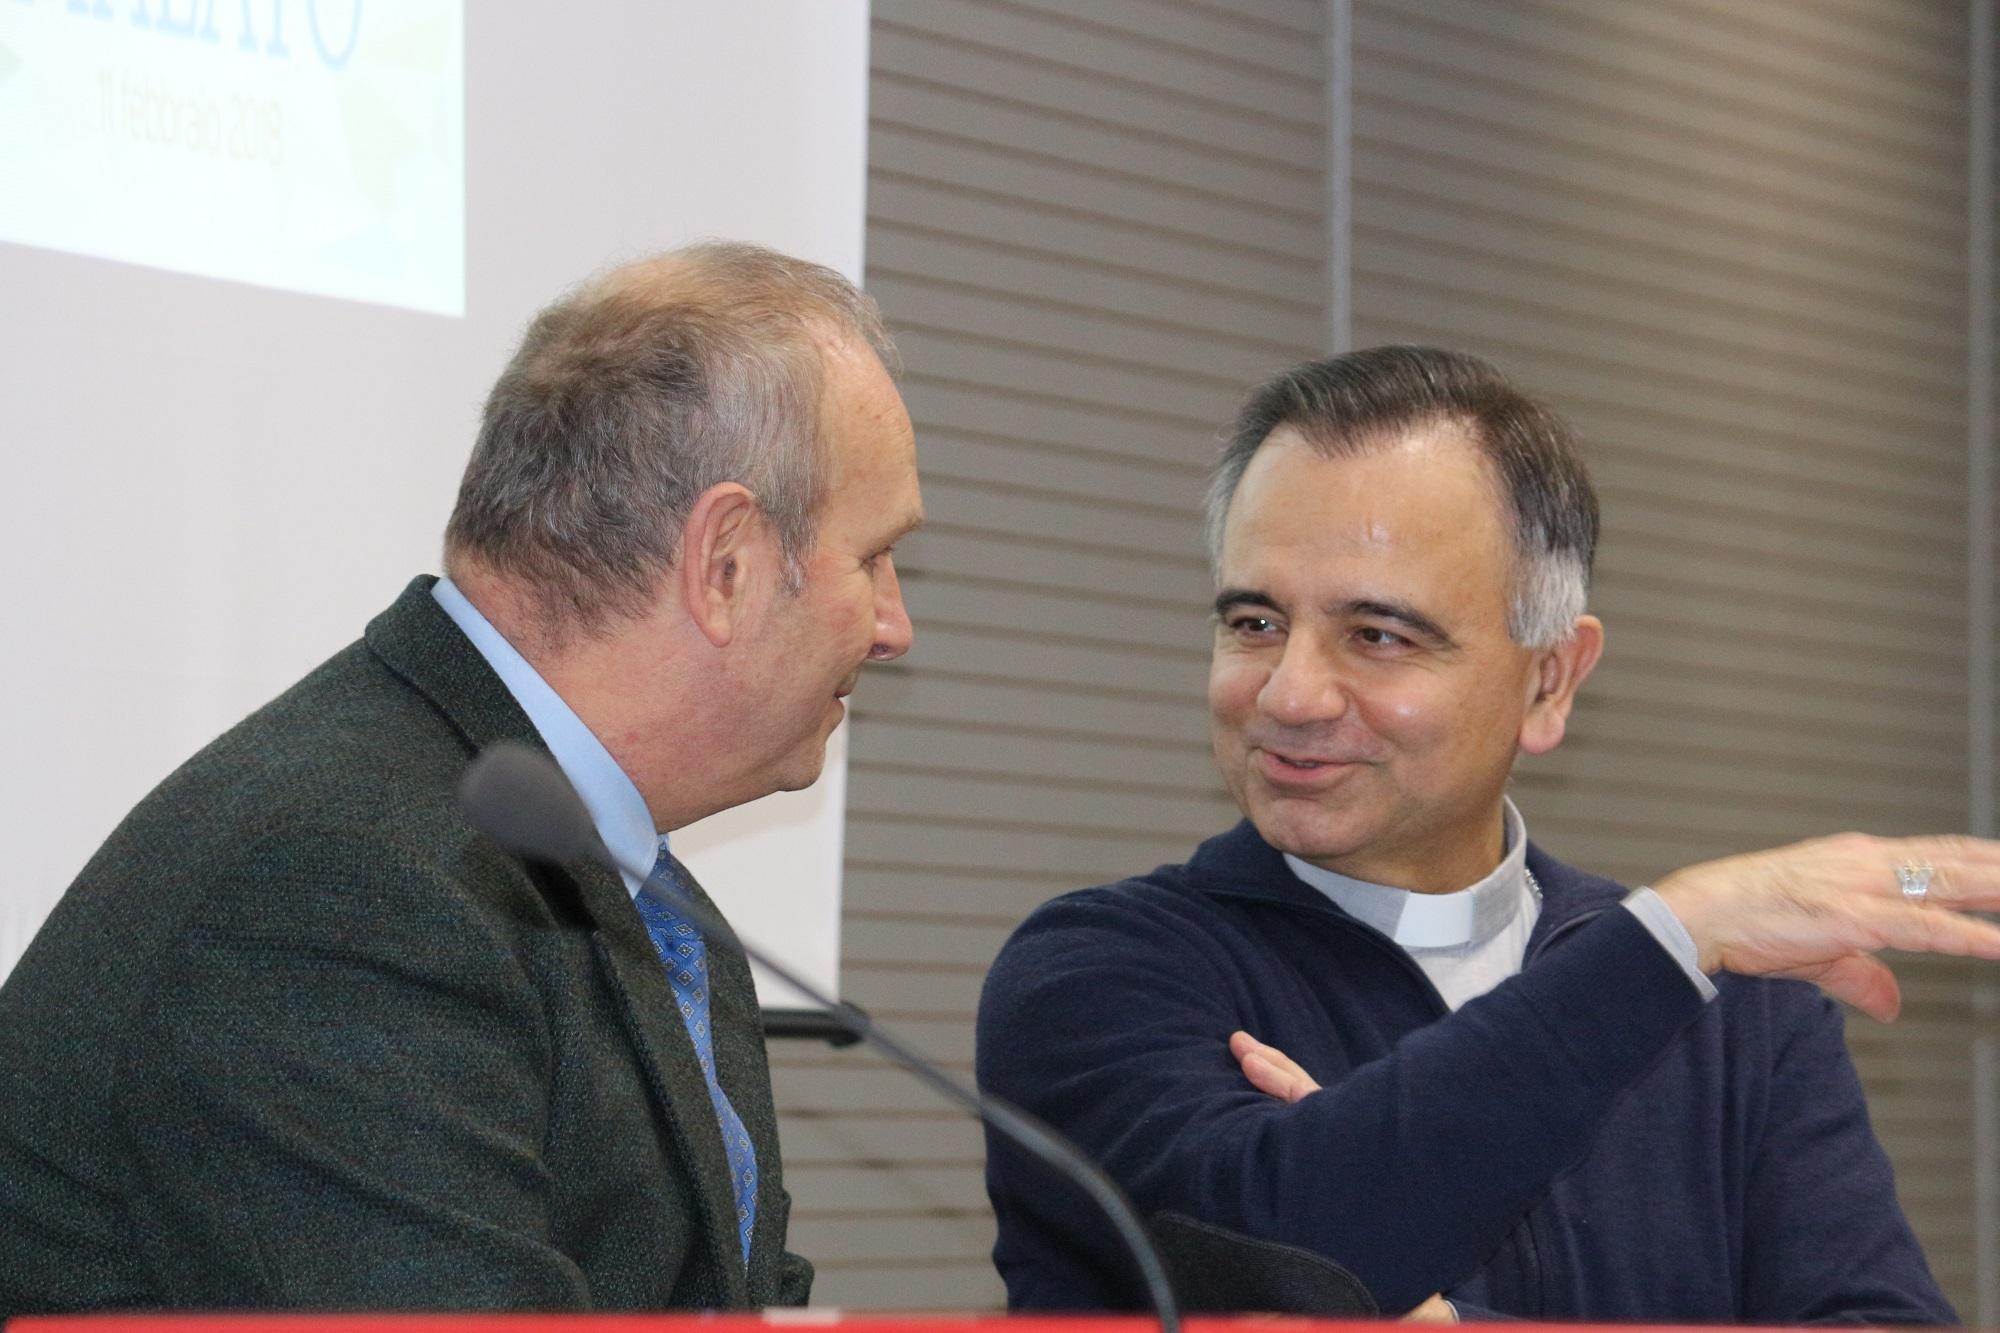 Da sinistra Ivan Trenti e Mons. Castellucci